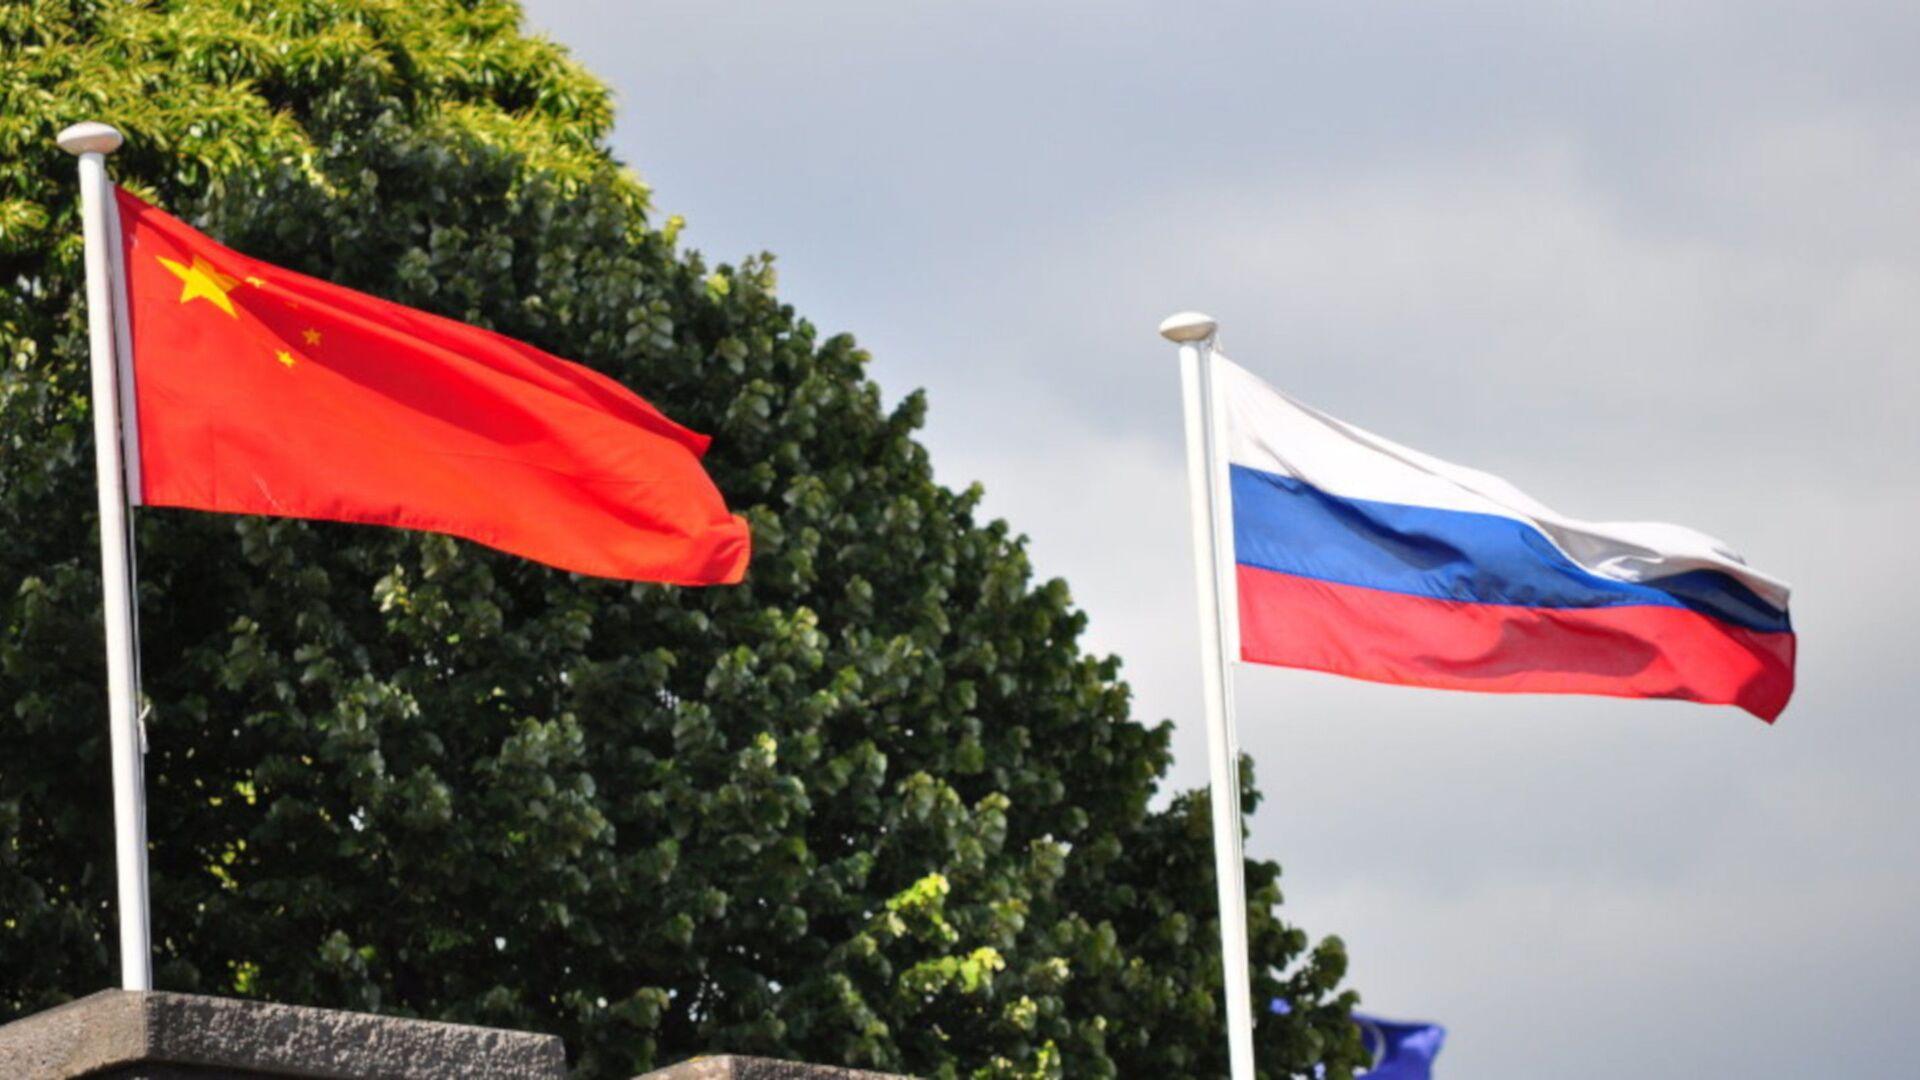 Rusya ile Çin bayrakları - Sputnik Türkiye, 1920, 05.08.2021